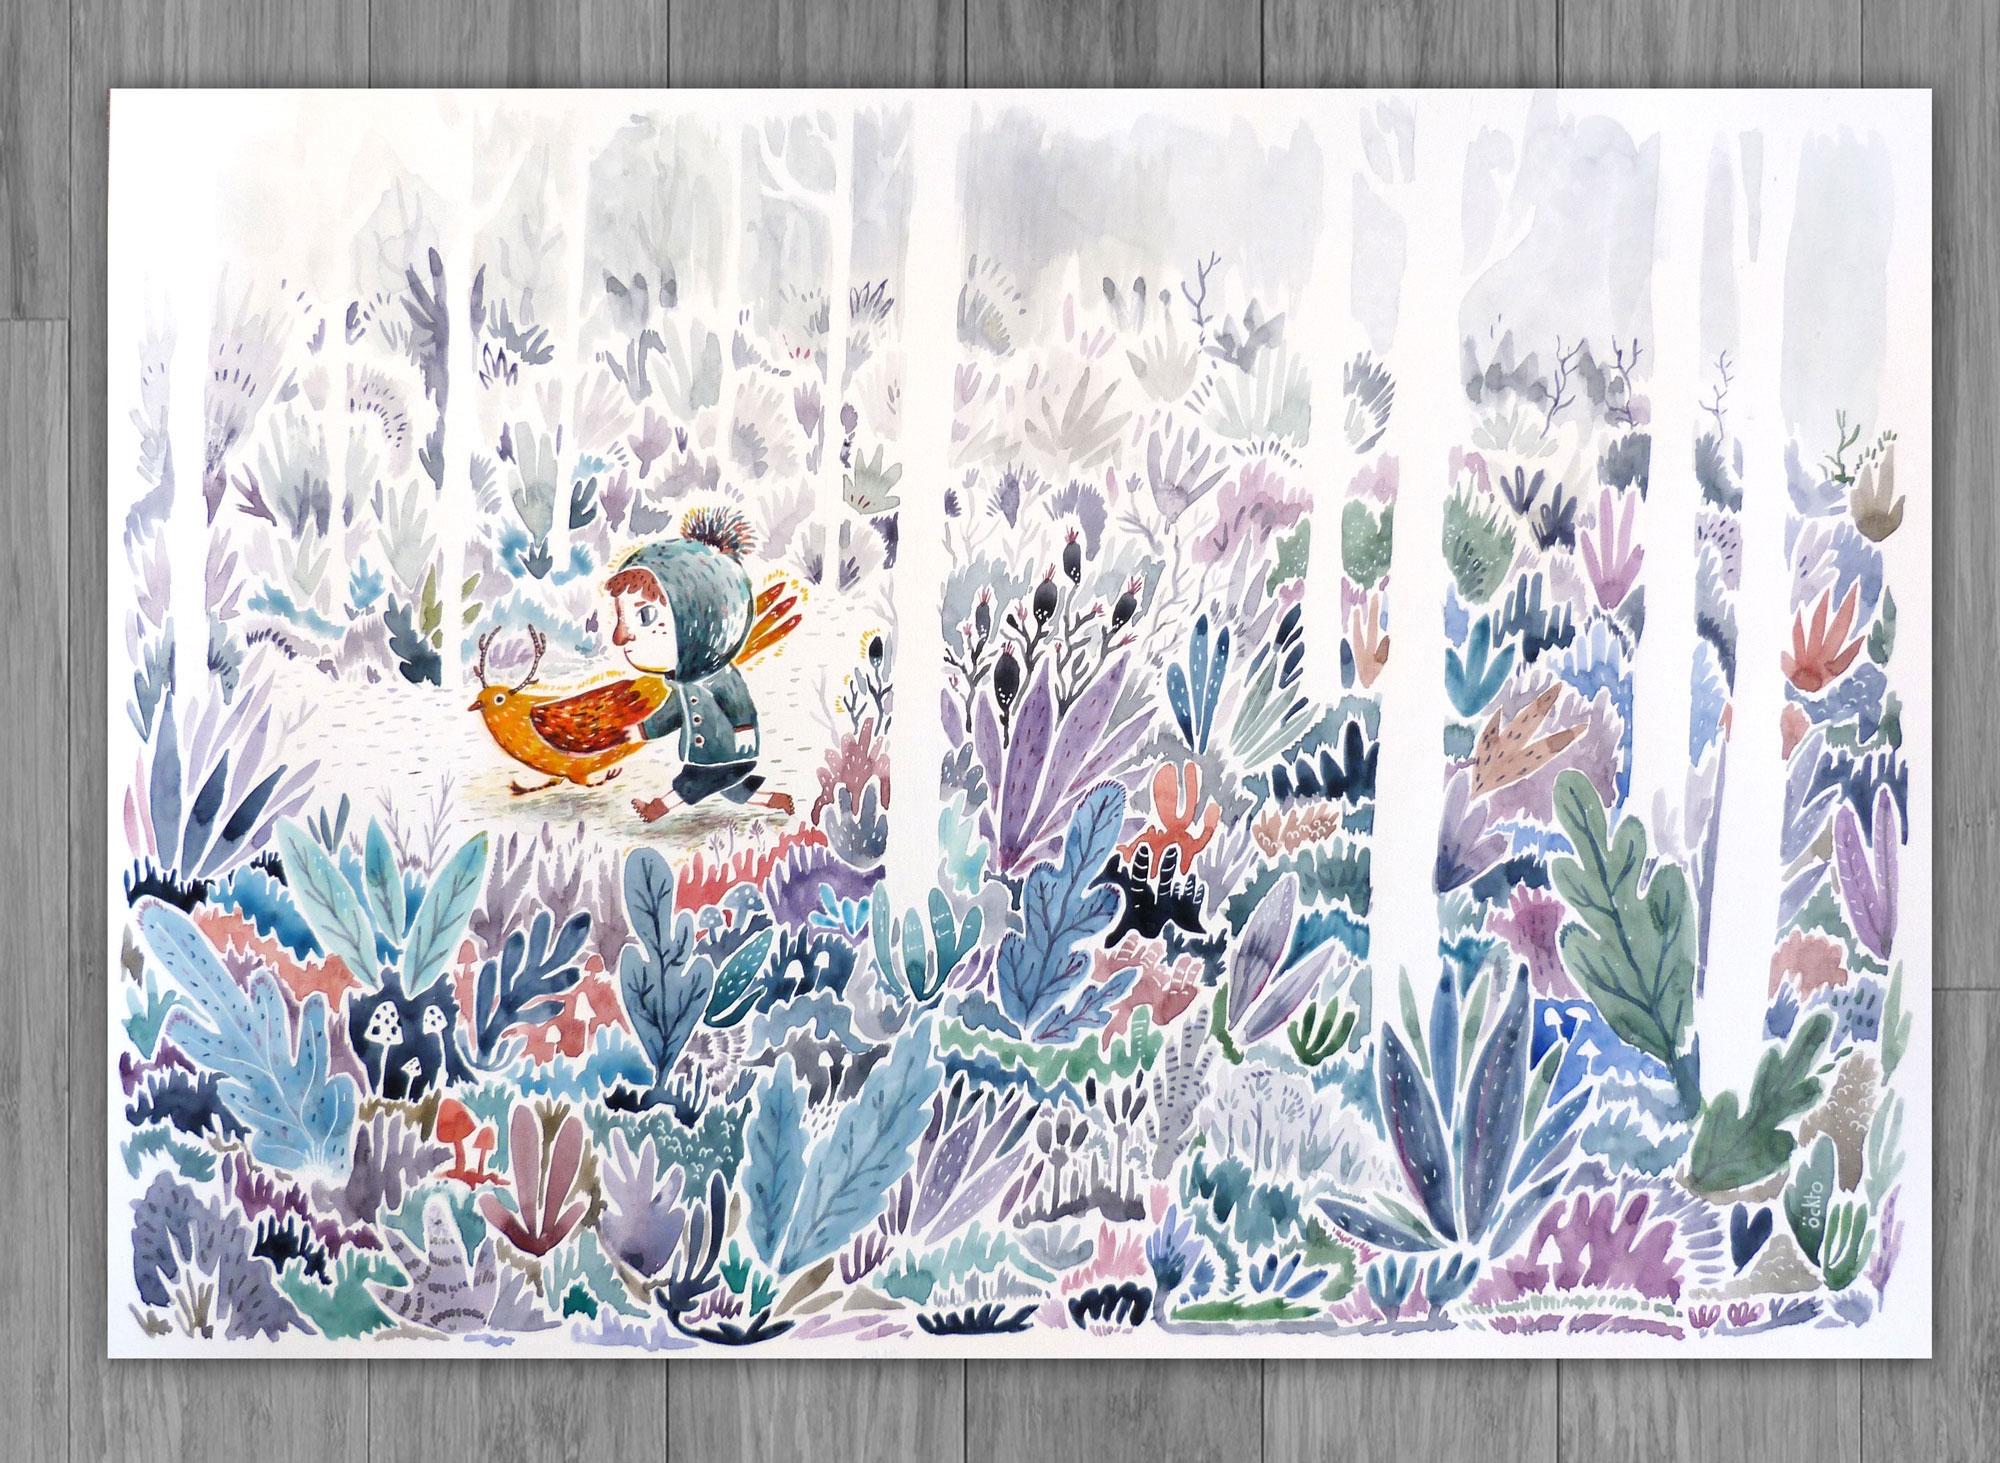 Pigeon lumineux - illustration, öckto - ockto | ello